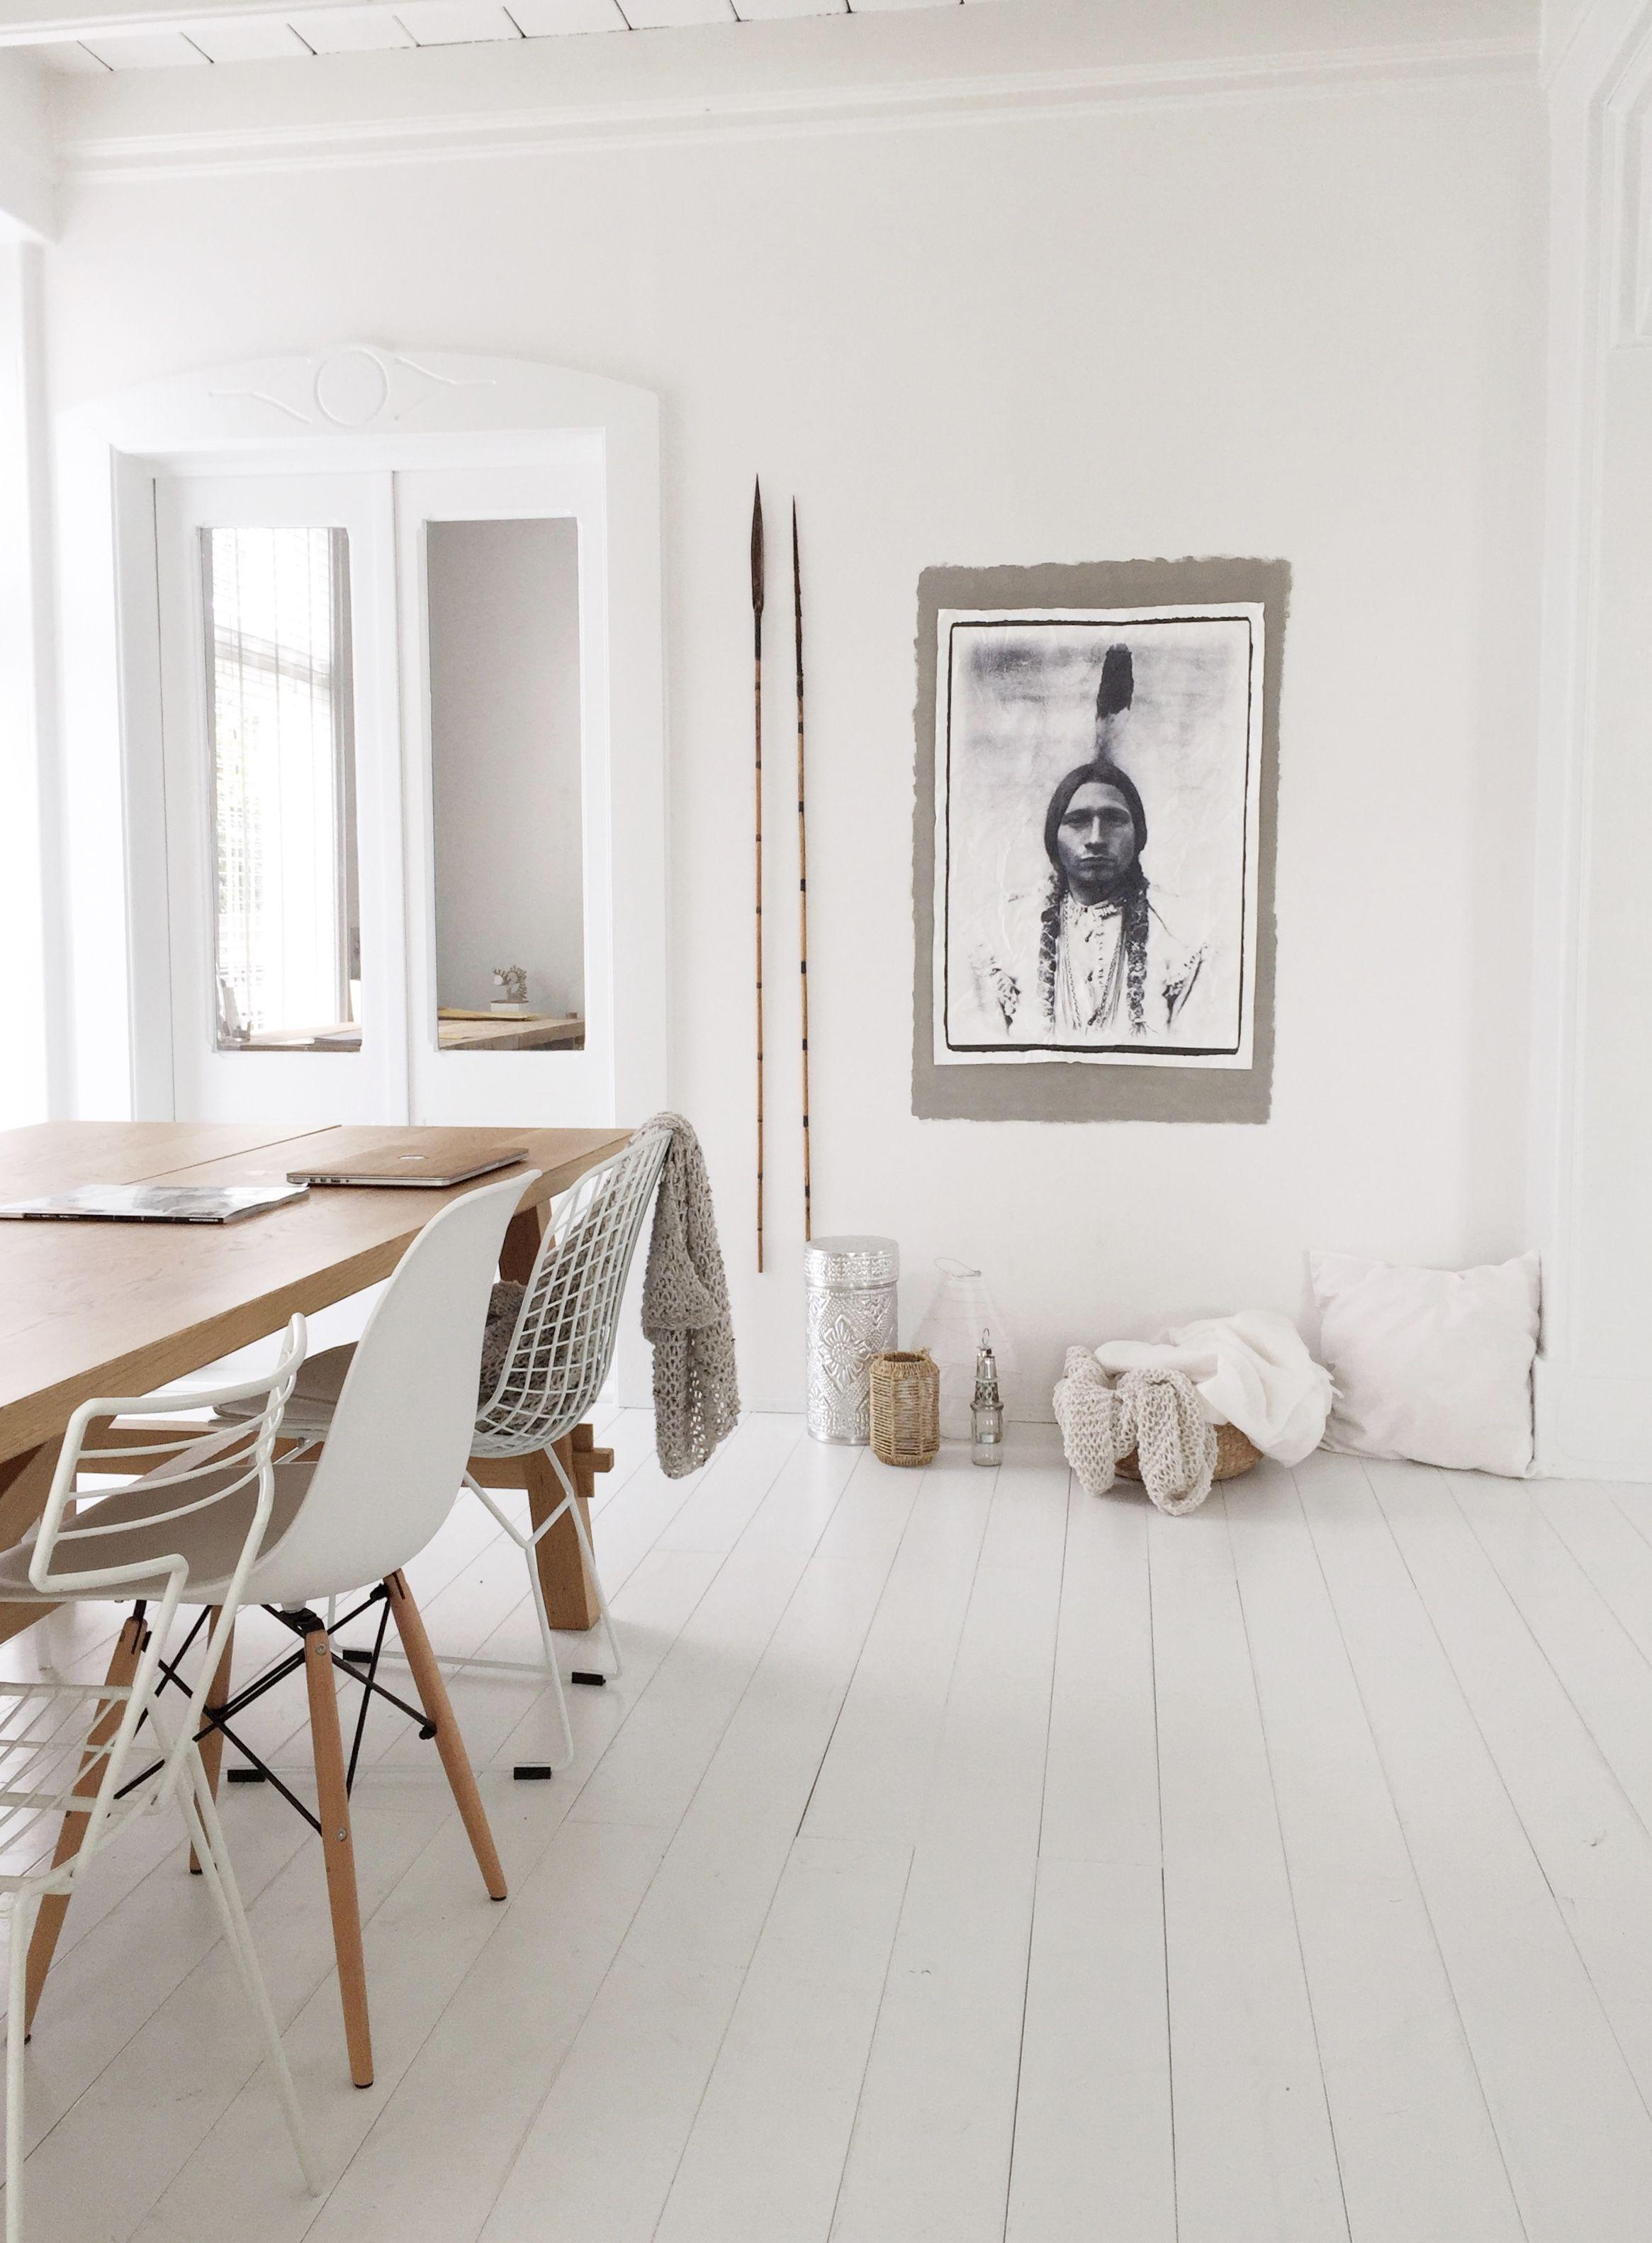 Een mooie afbeelding van een stubly indiaan op old canvas. Leuk om cadeau te geven of op te hangen in je eigen huis. Het is mogelijk om het doek met vier, twee of zonder ringen te bestellen. Graag even aangeven bij notitie waar de voorkeur naar uit gaat.